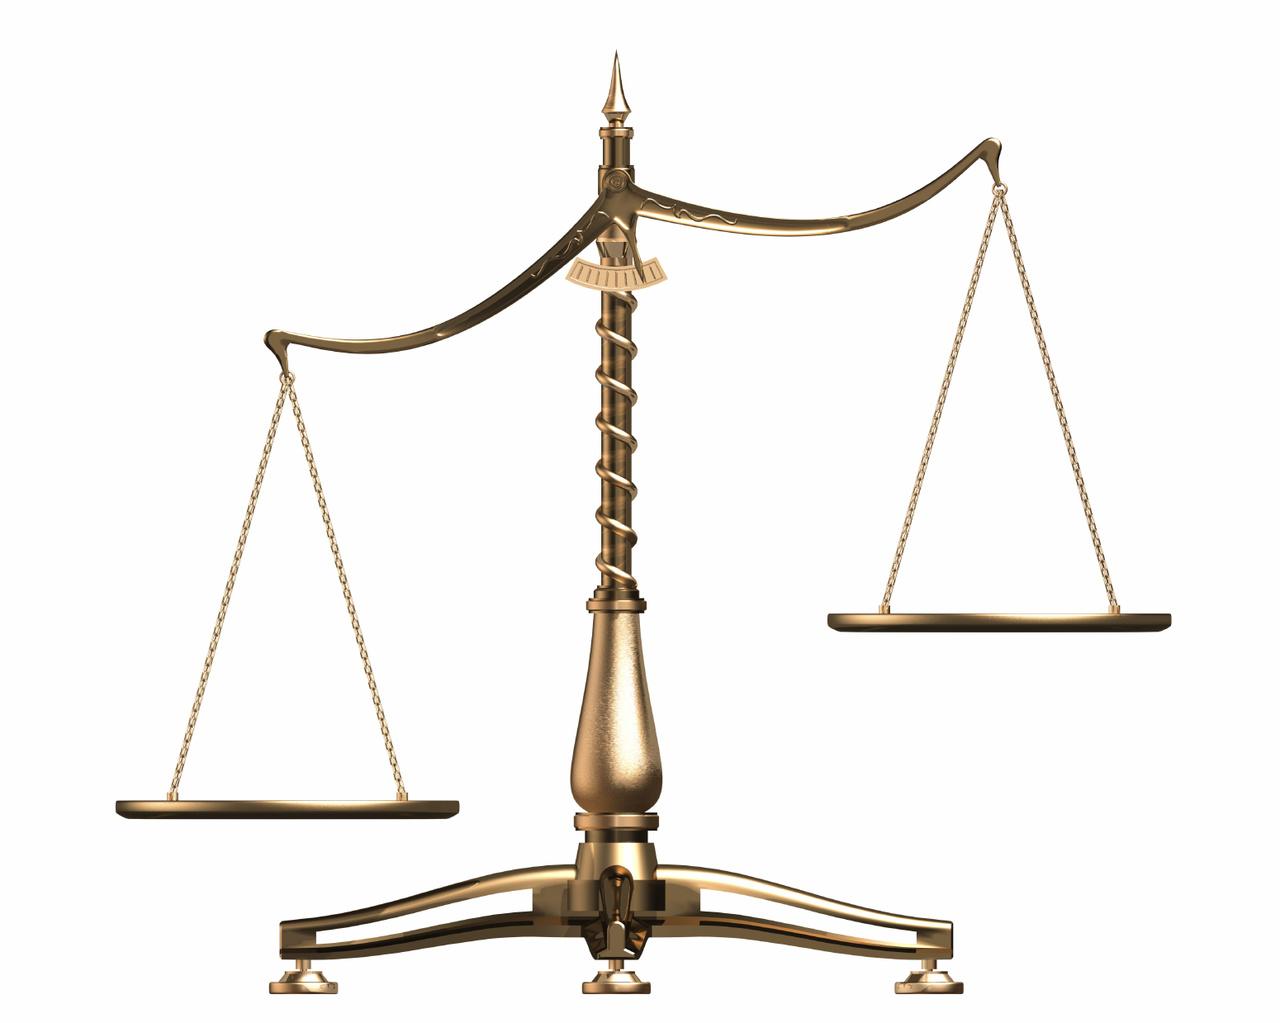 Pending Antitrust Actions Could Change Biosimilar Dynamics